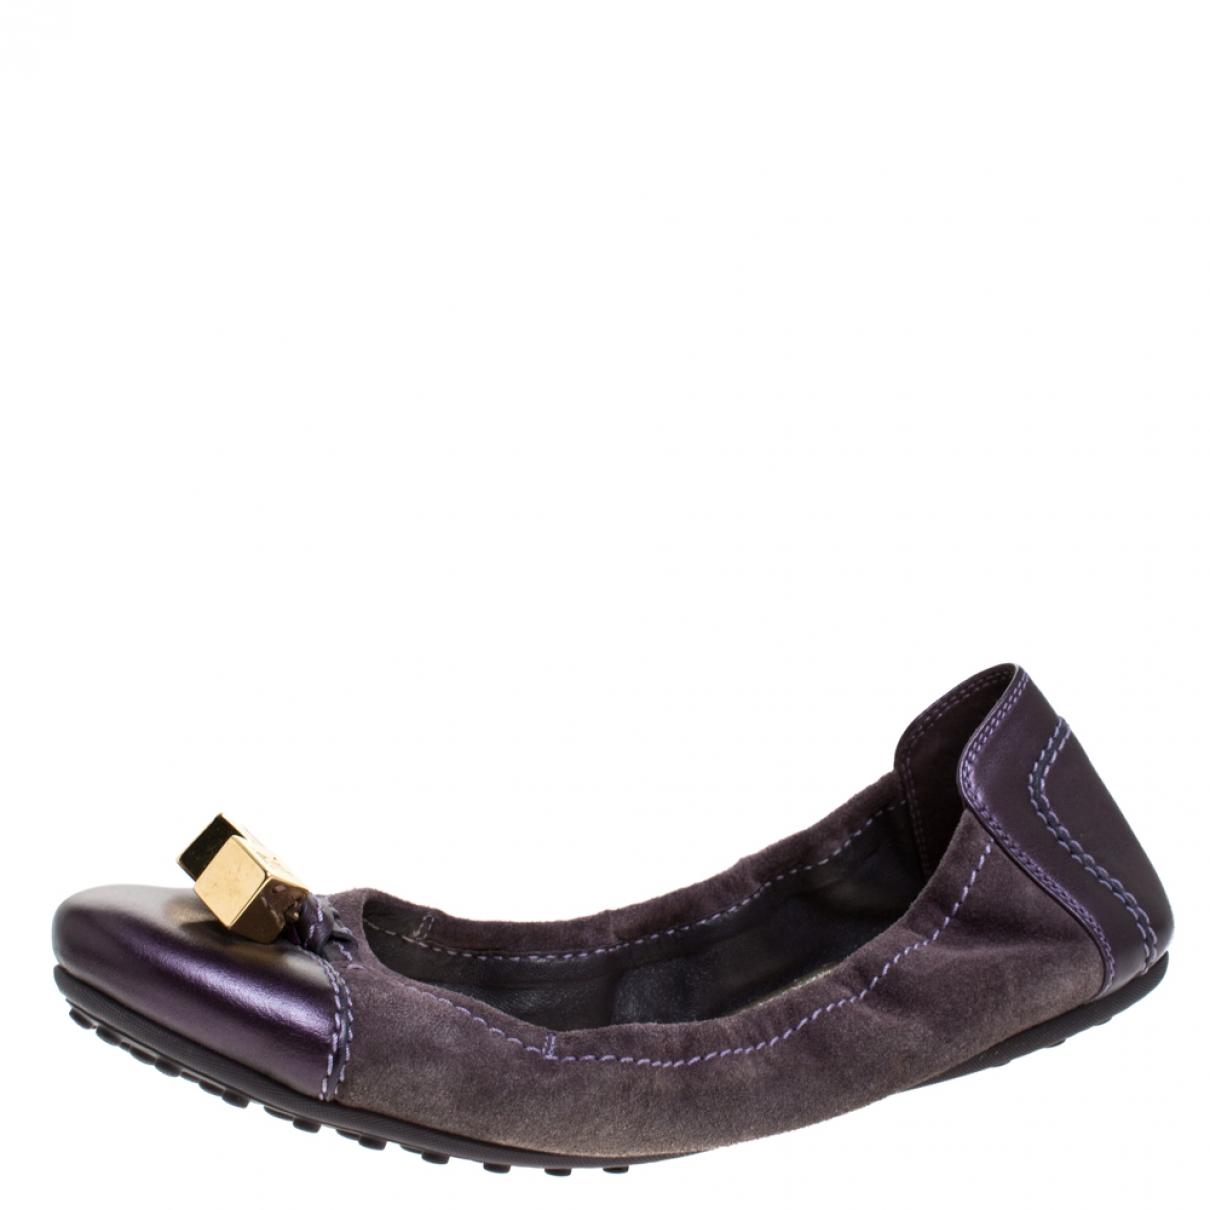 Louis Vuitton \N Purple Leather Ballet flats for Women 8 US